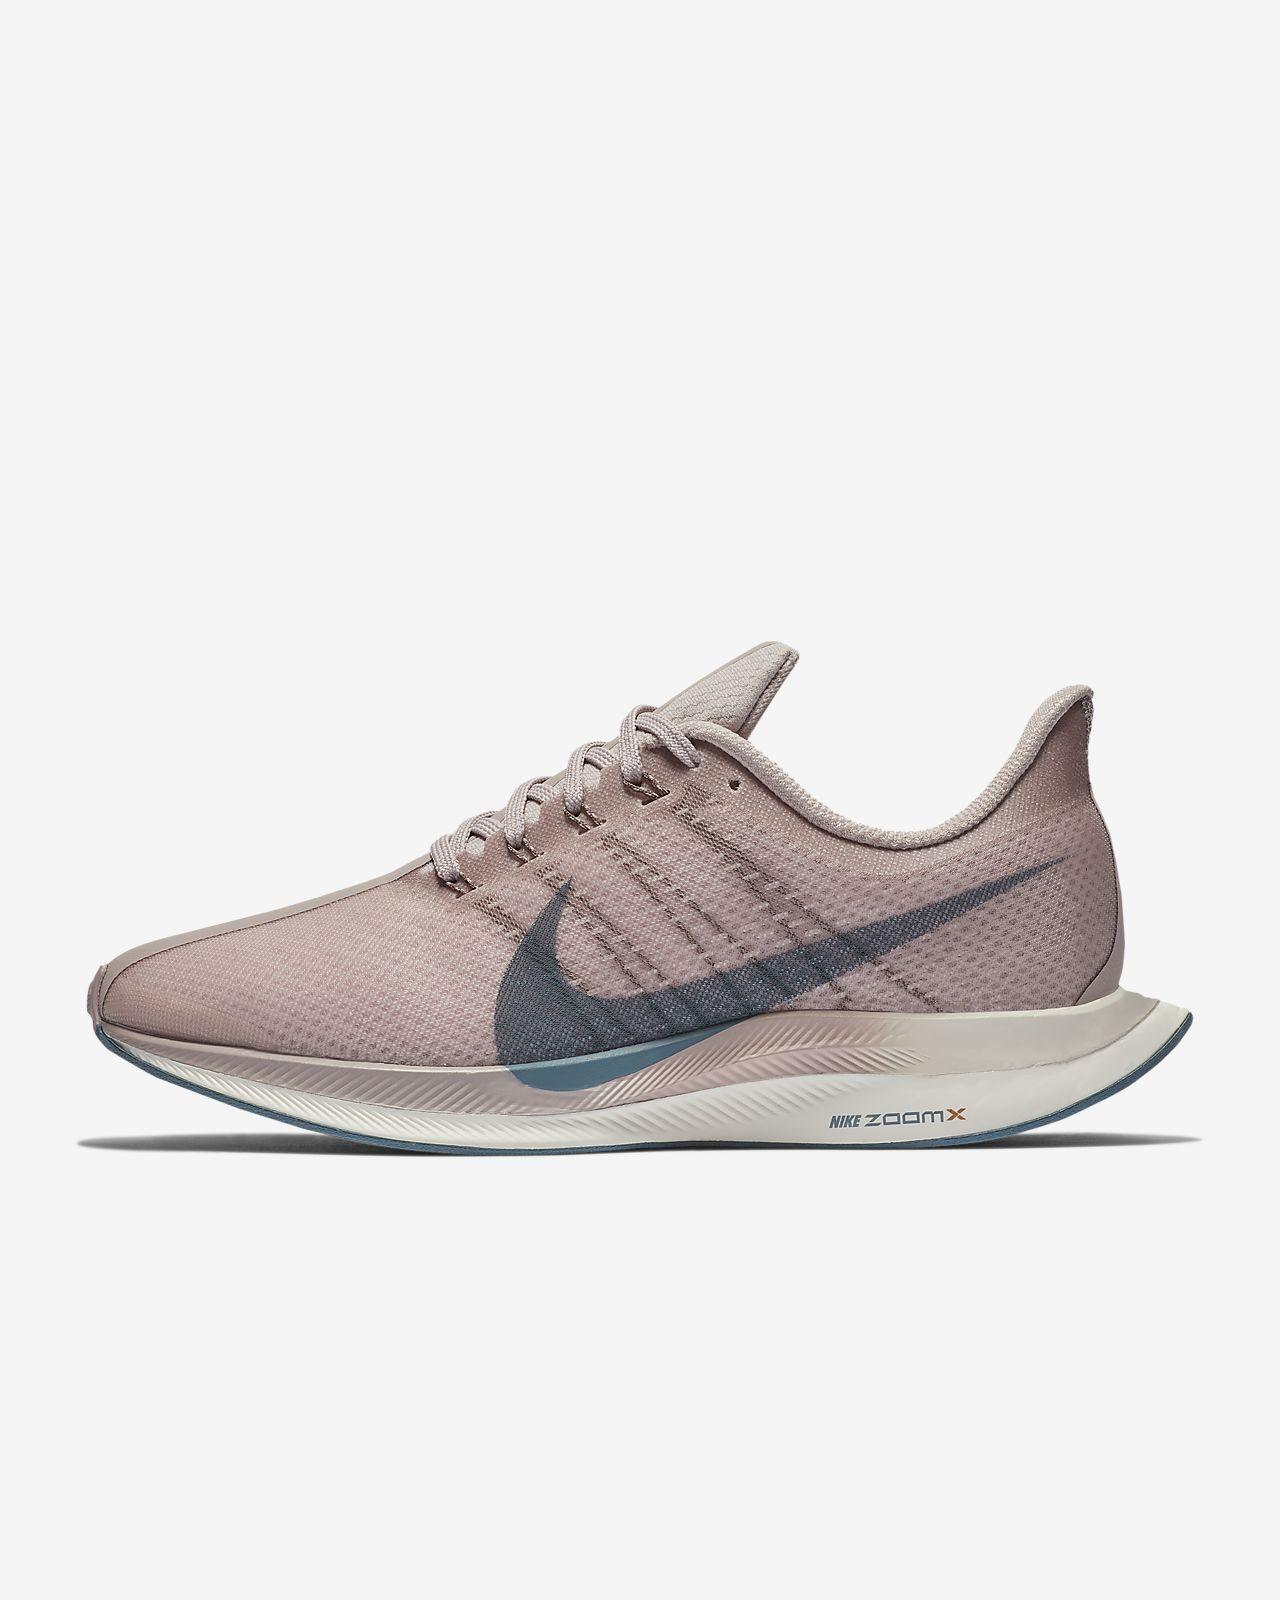 3e248fe7e978 Nike Zoom Pegasus Turbo Women s Running Shoe. Nike.com DK